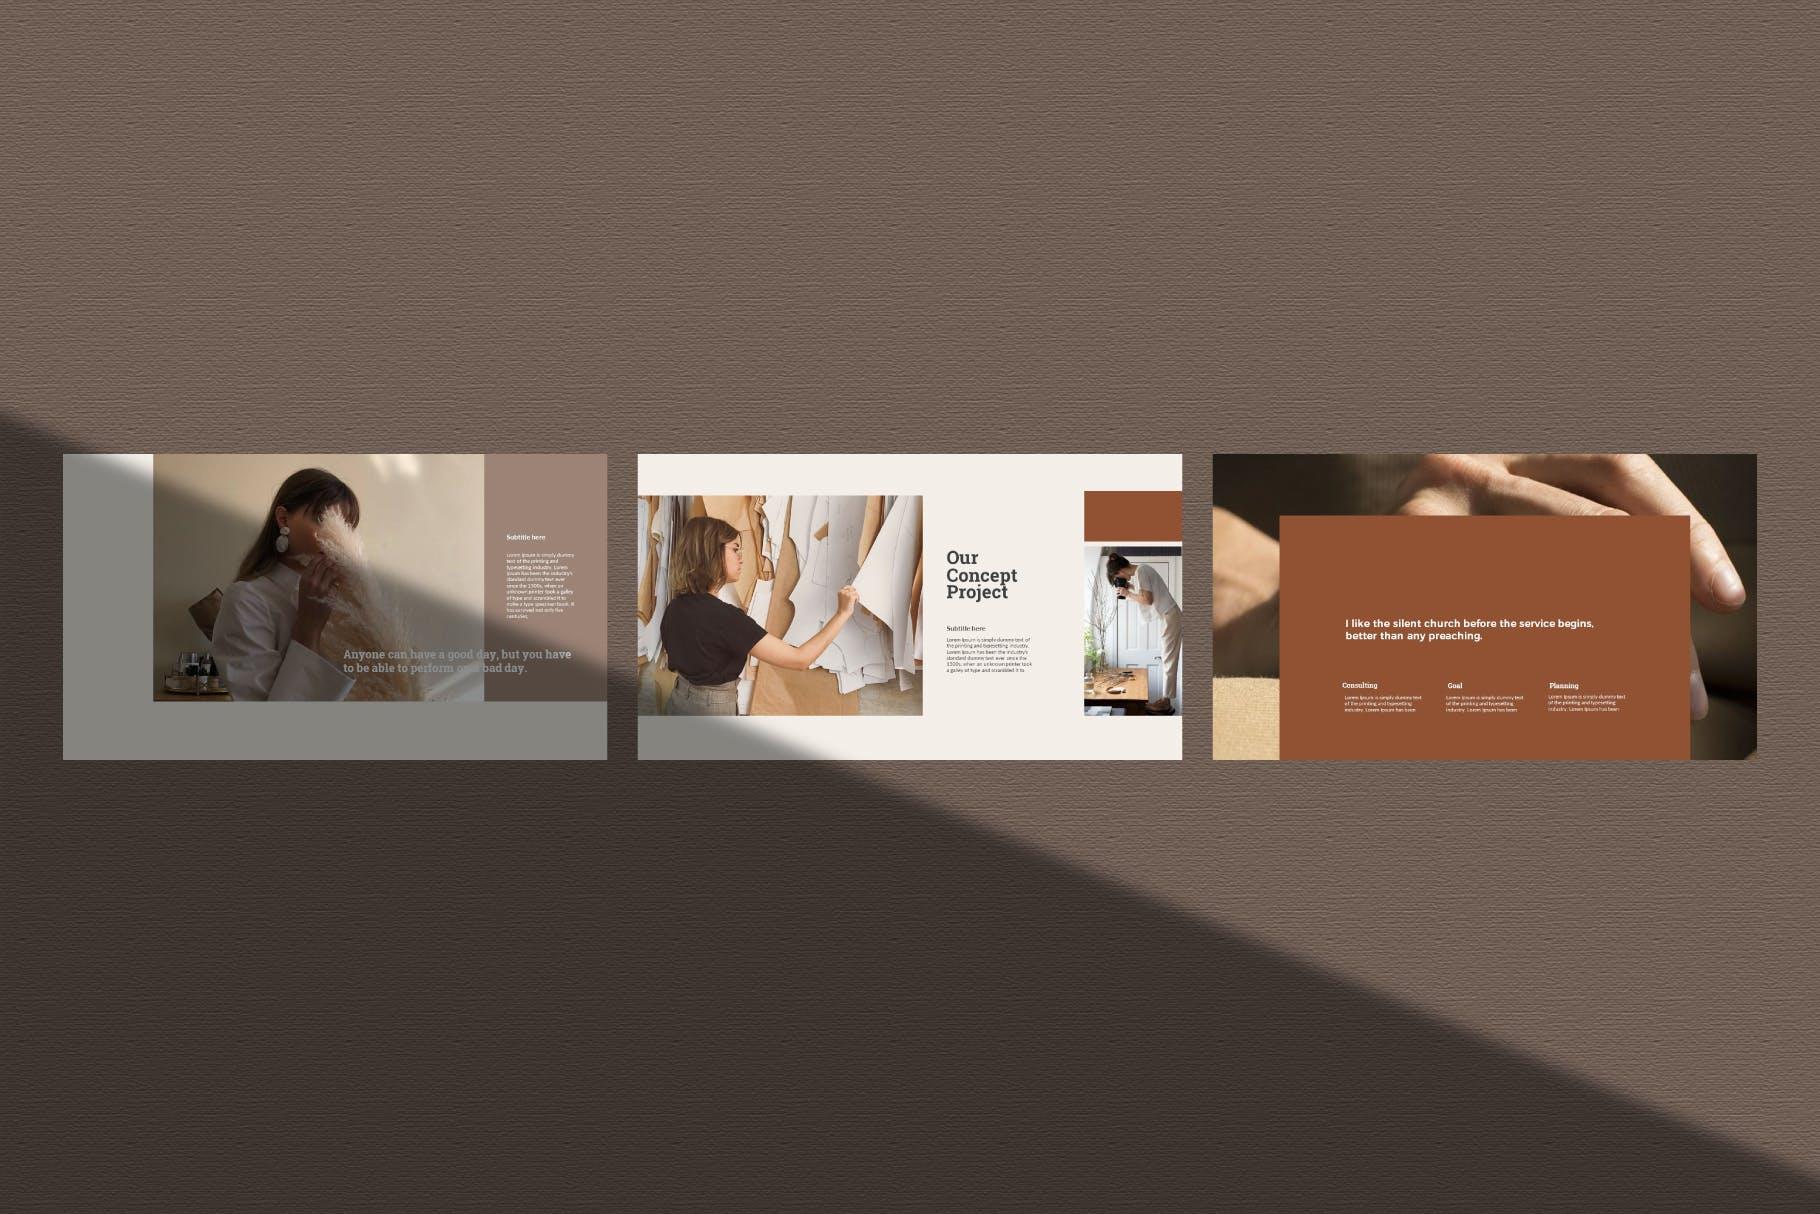 时尚奢华女性服装摄影作品集演示文稿模版 Trendhop Powerpoint Template插图2